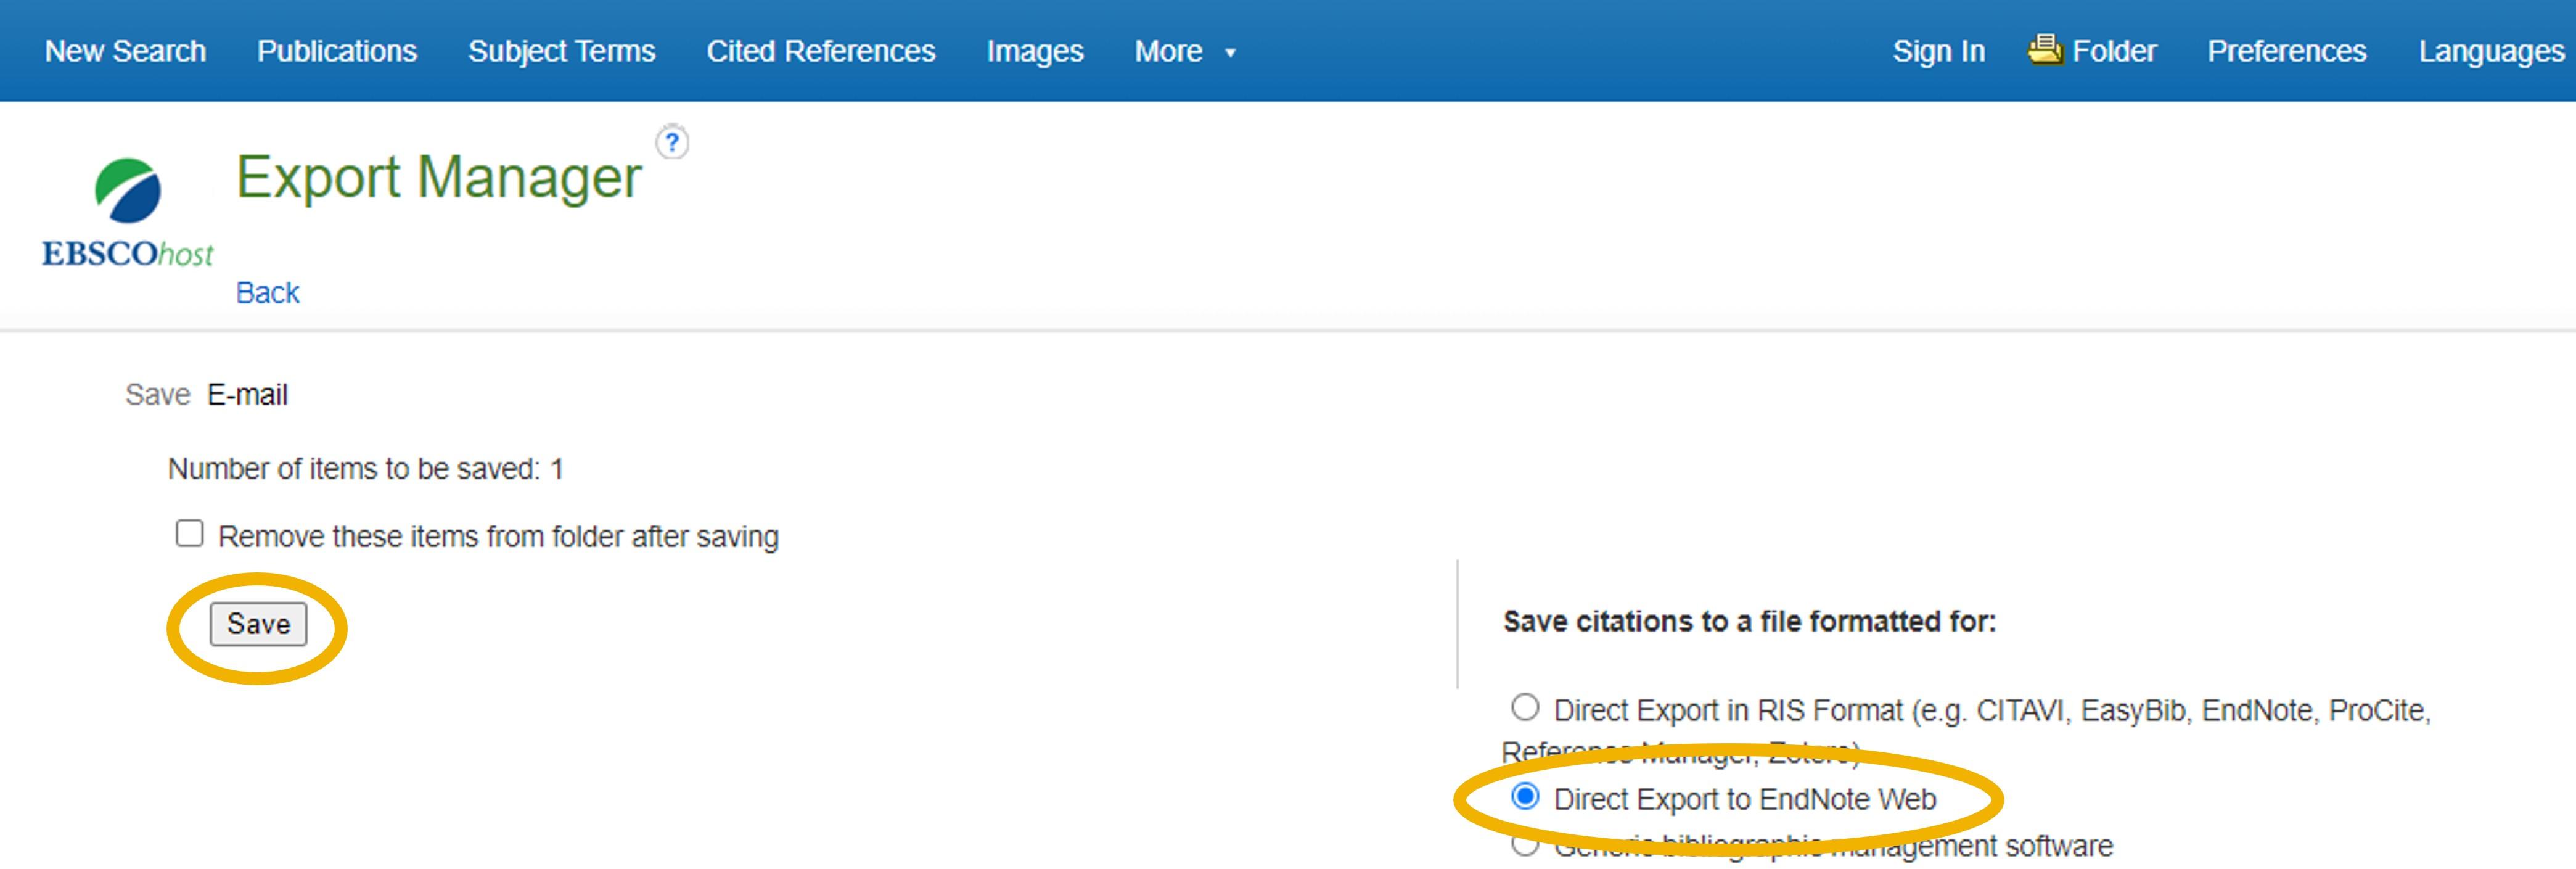 EBSCO Export